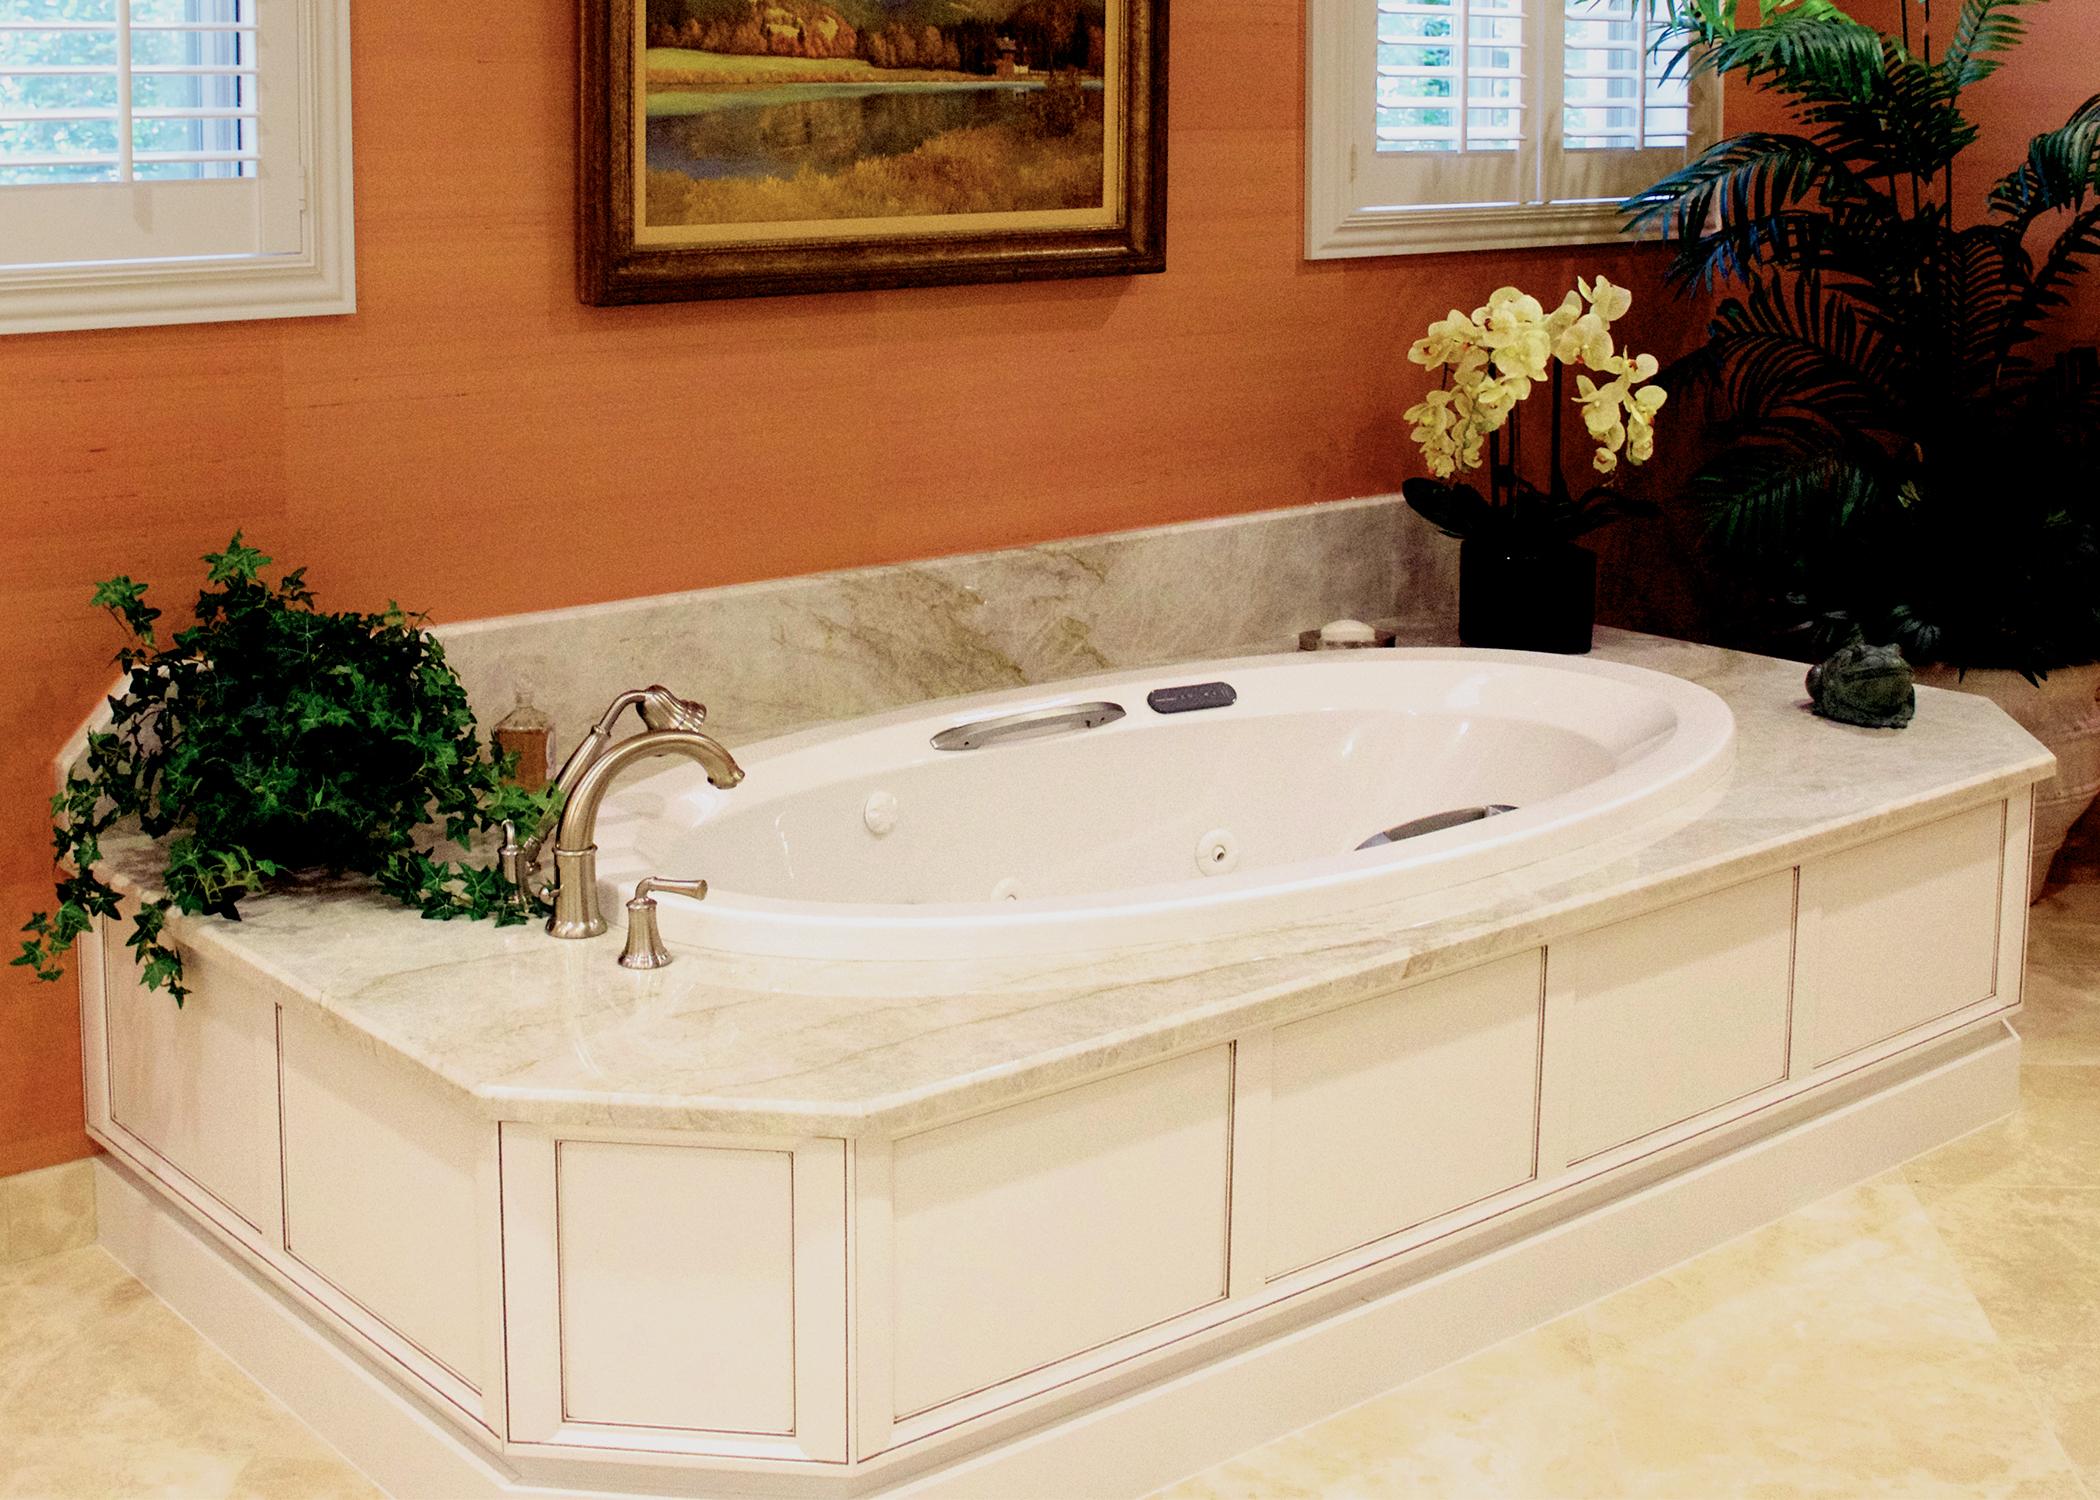 Masterbathroom Tub